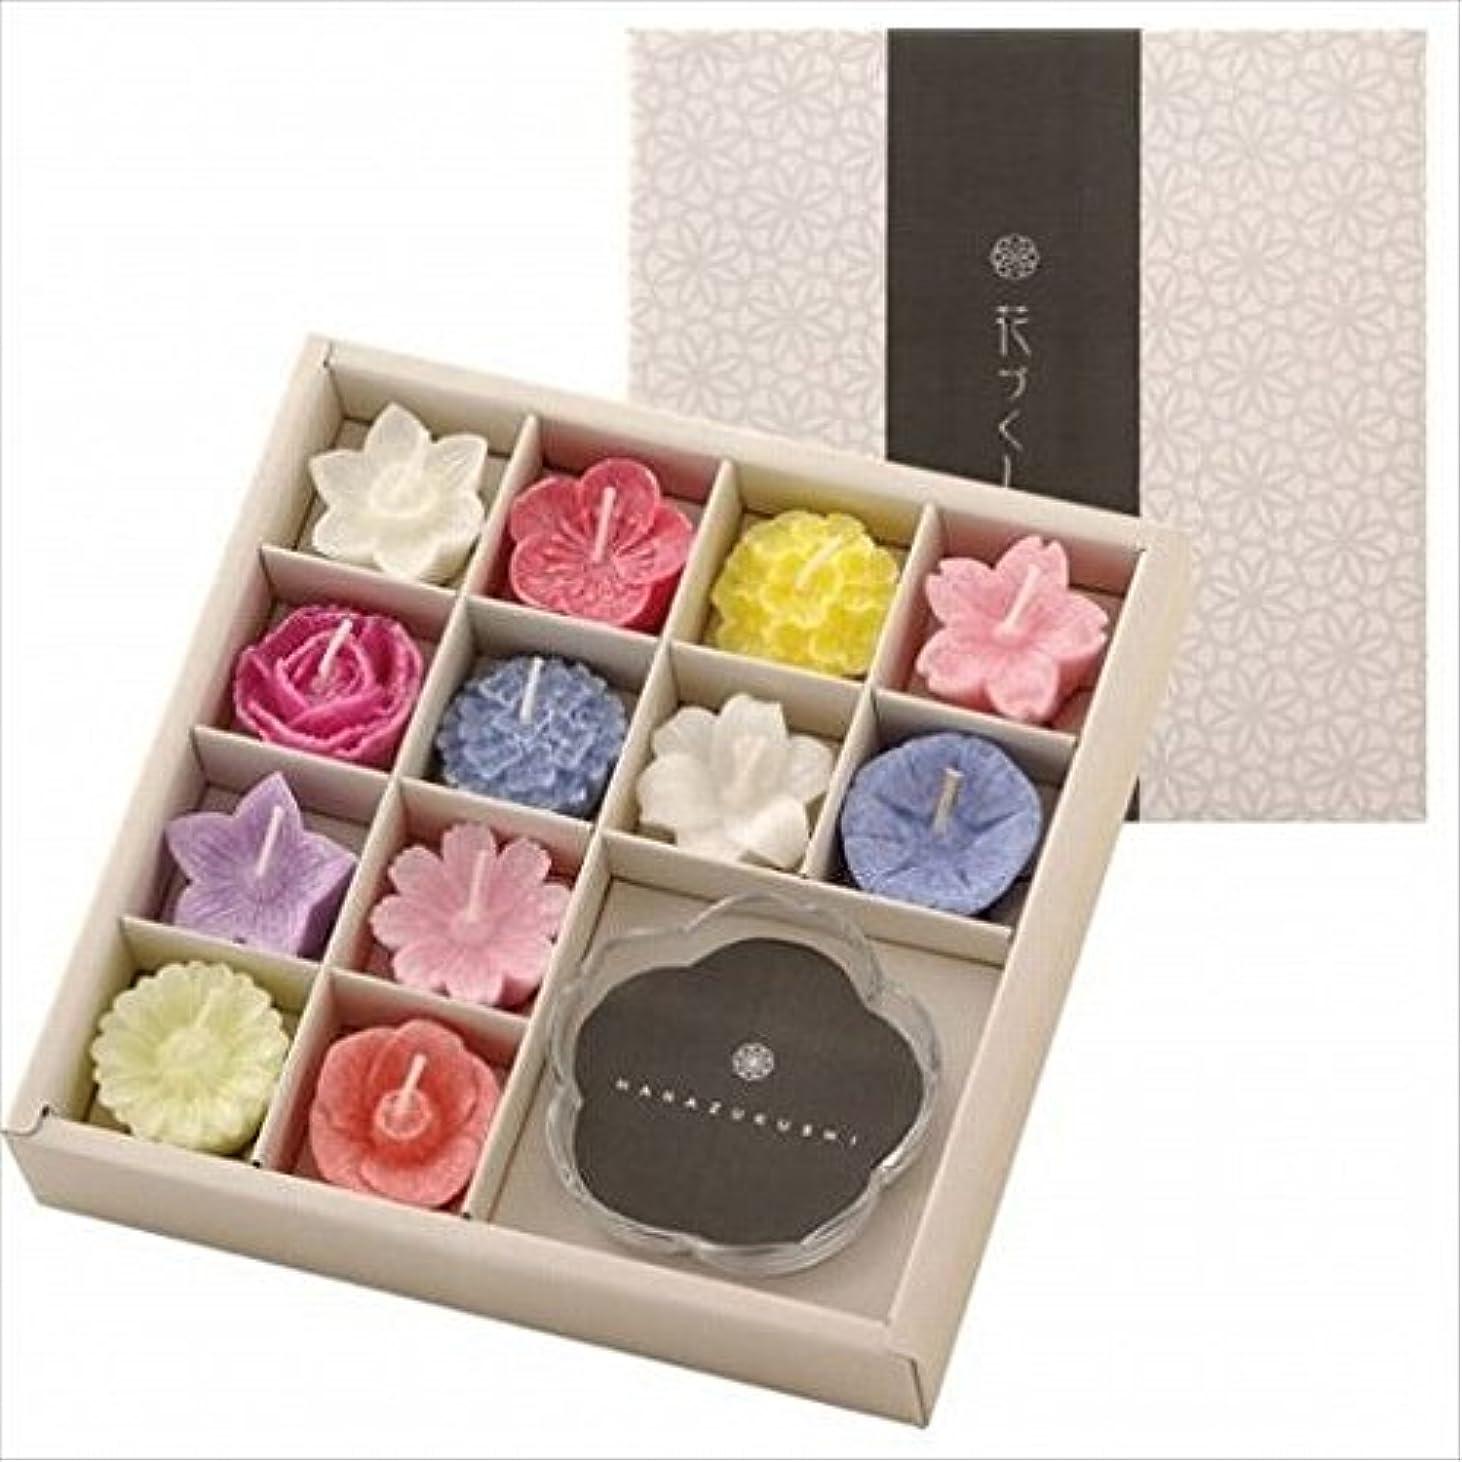 誓うプレミアひねりkameyama candle(カメヤマキャンドル) 花づくしギフトセット(植物性) キャンドル(96200700)